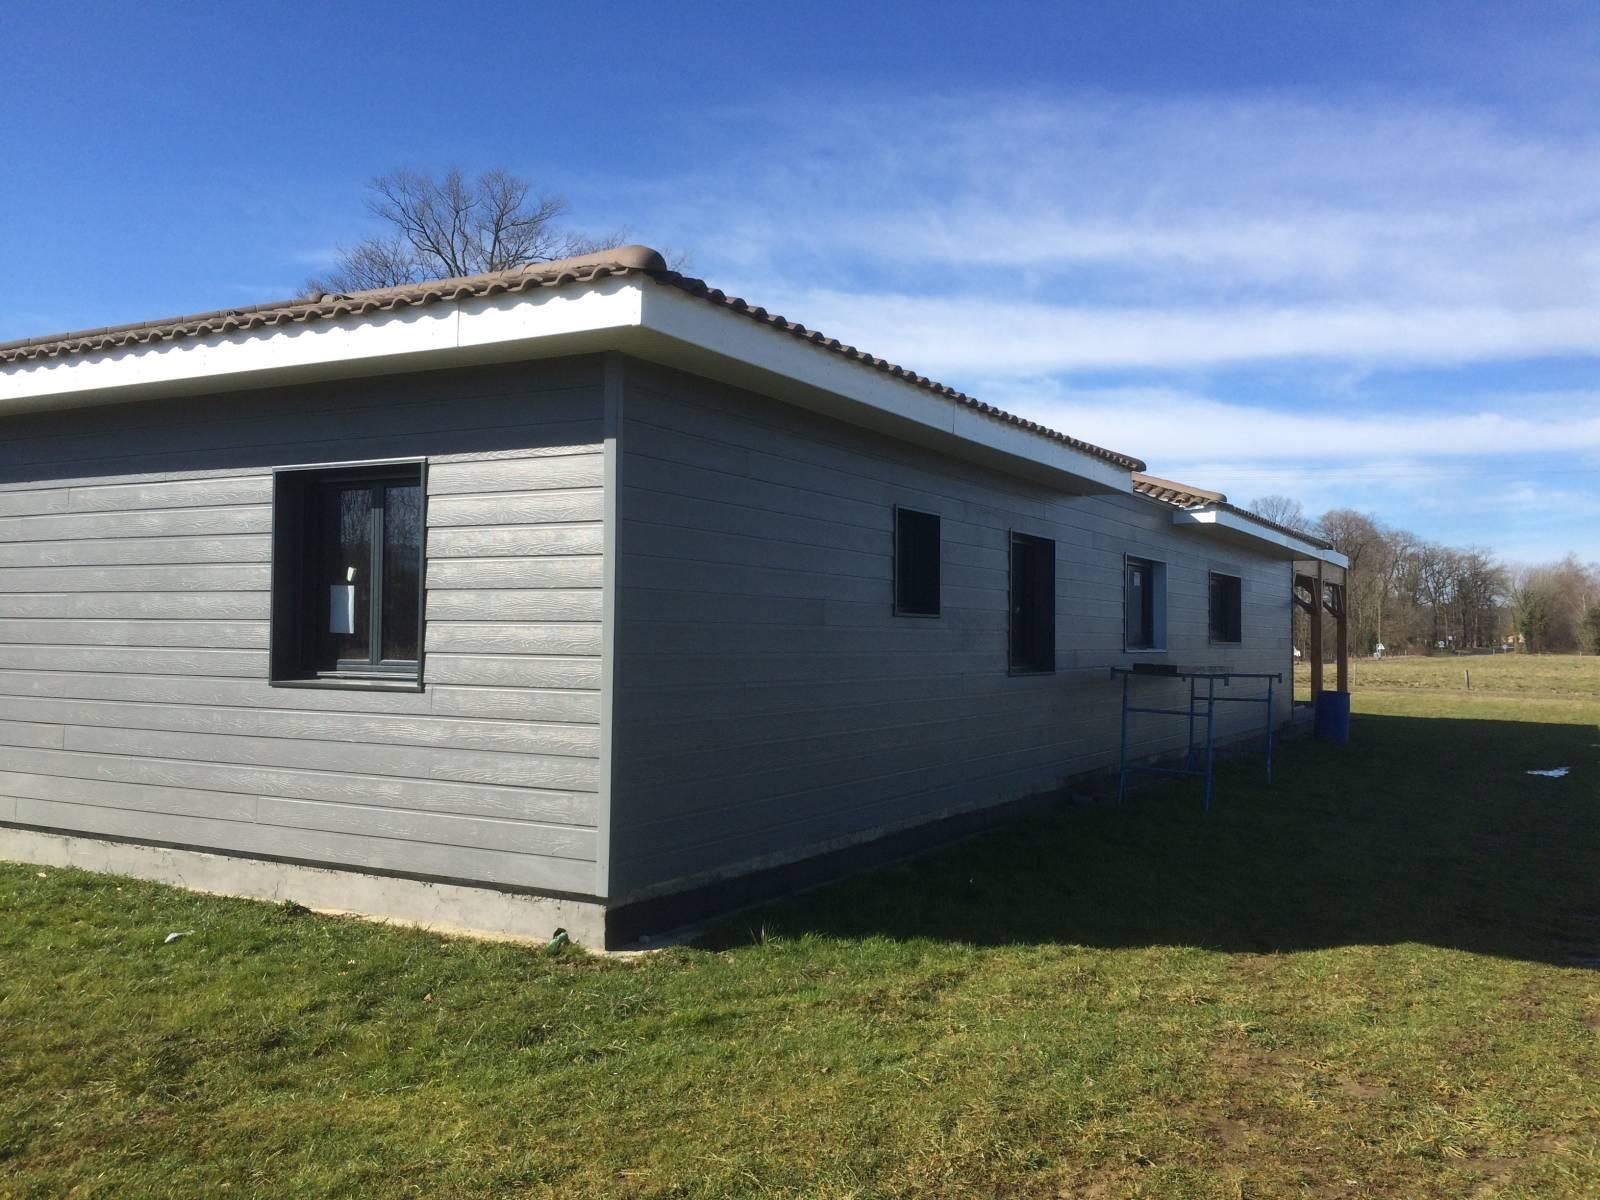 Acheter maison bois auto construction dans les pyr n es for Autoconstruction maison bois